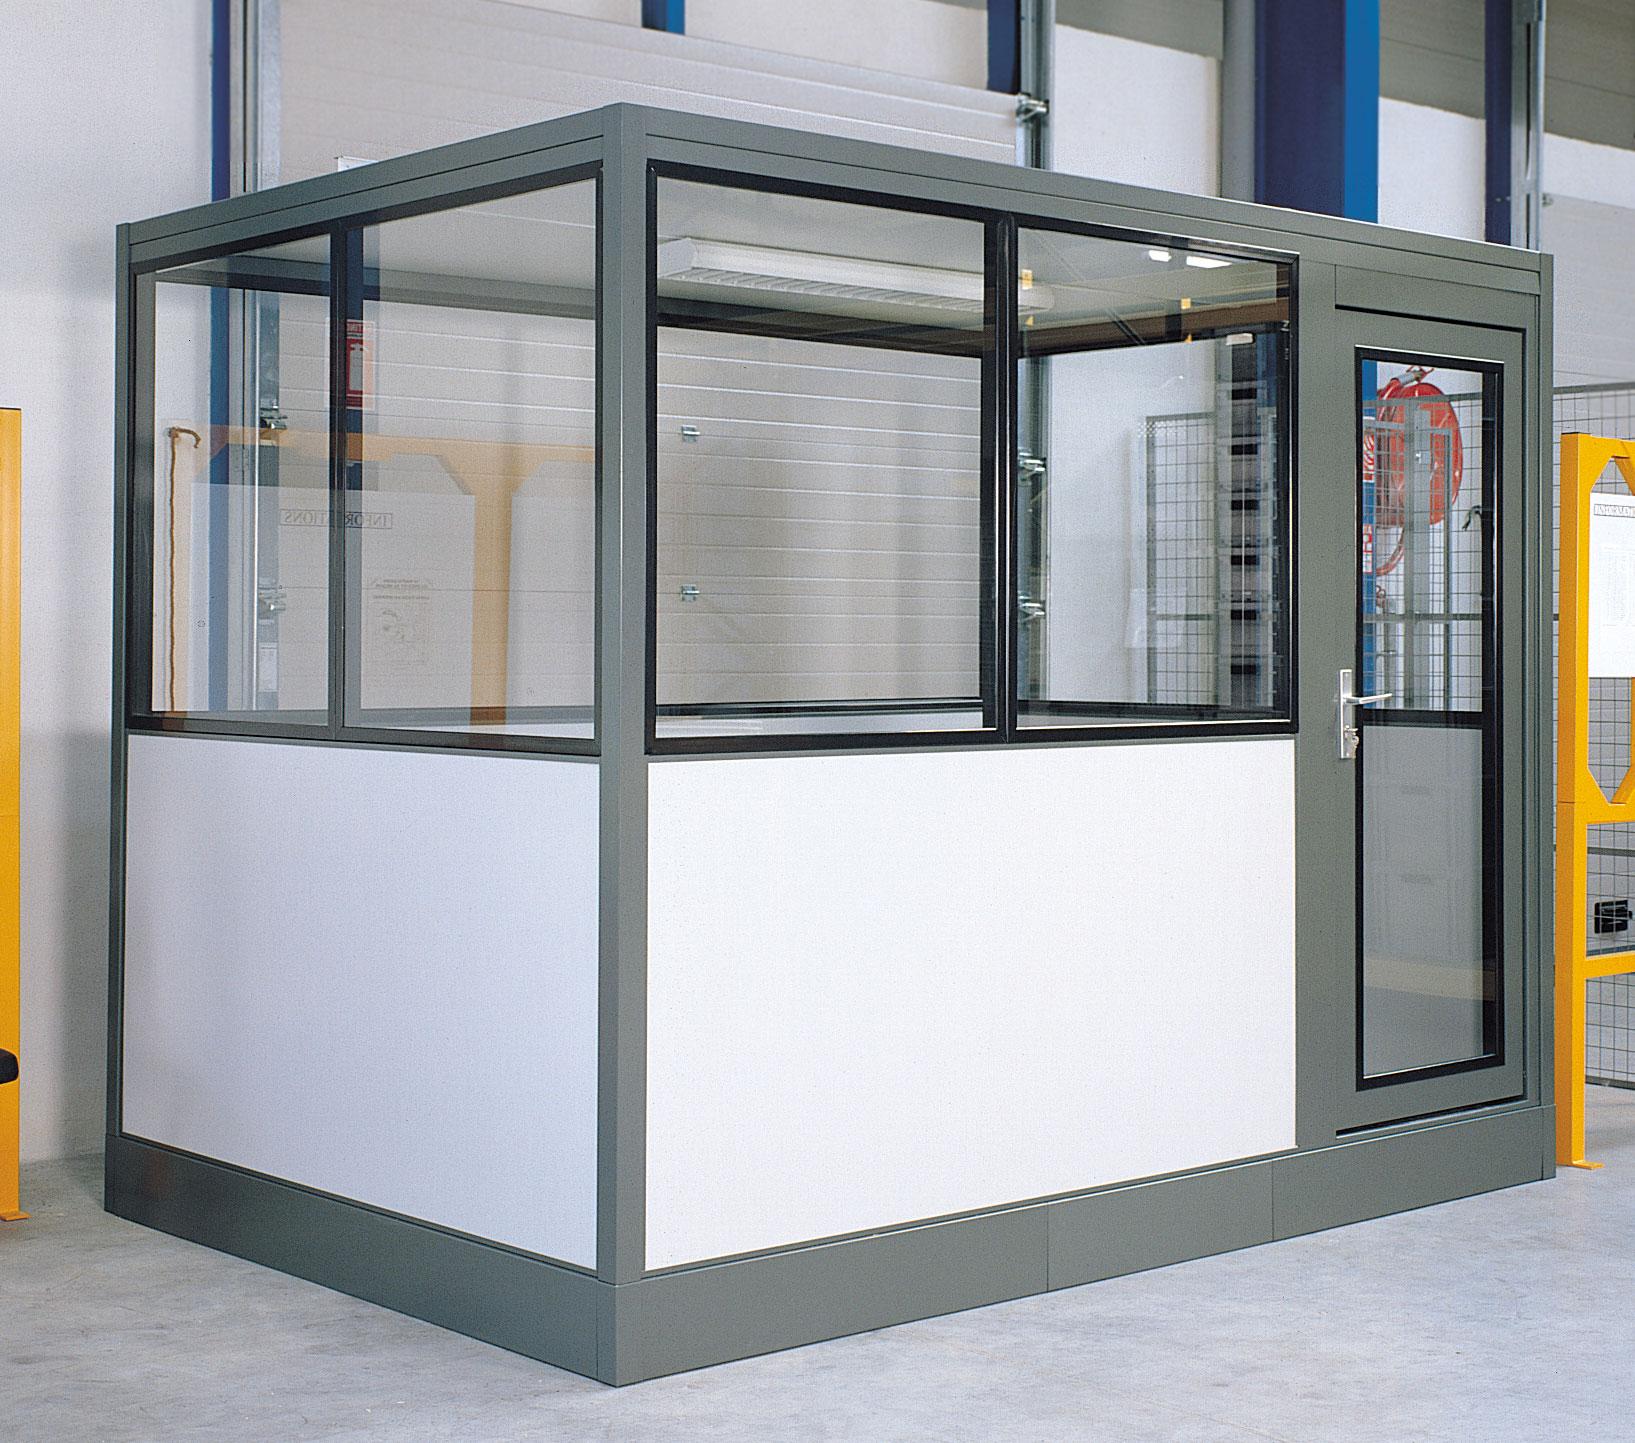 Cabine industrielle 4x3 mètres